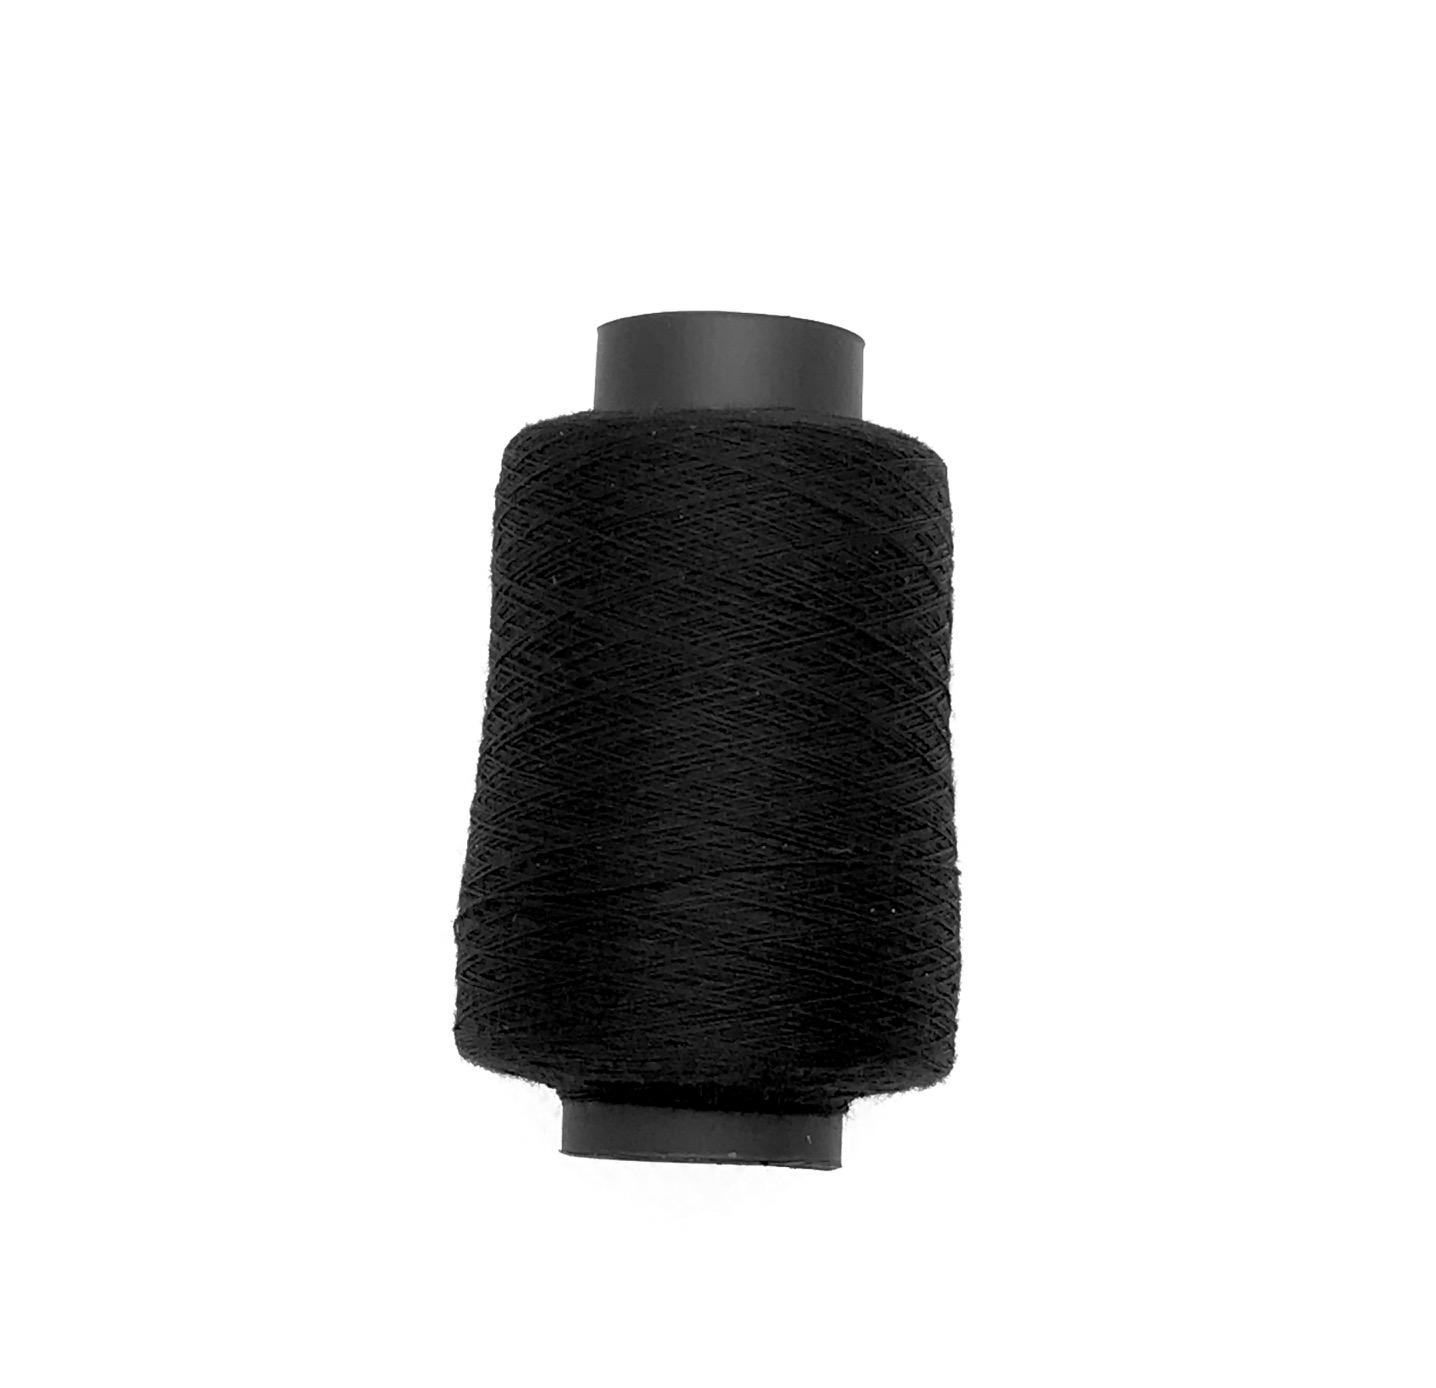 Bobine de fil a coudre noir eco tout textil polyester